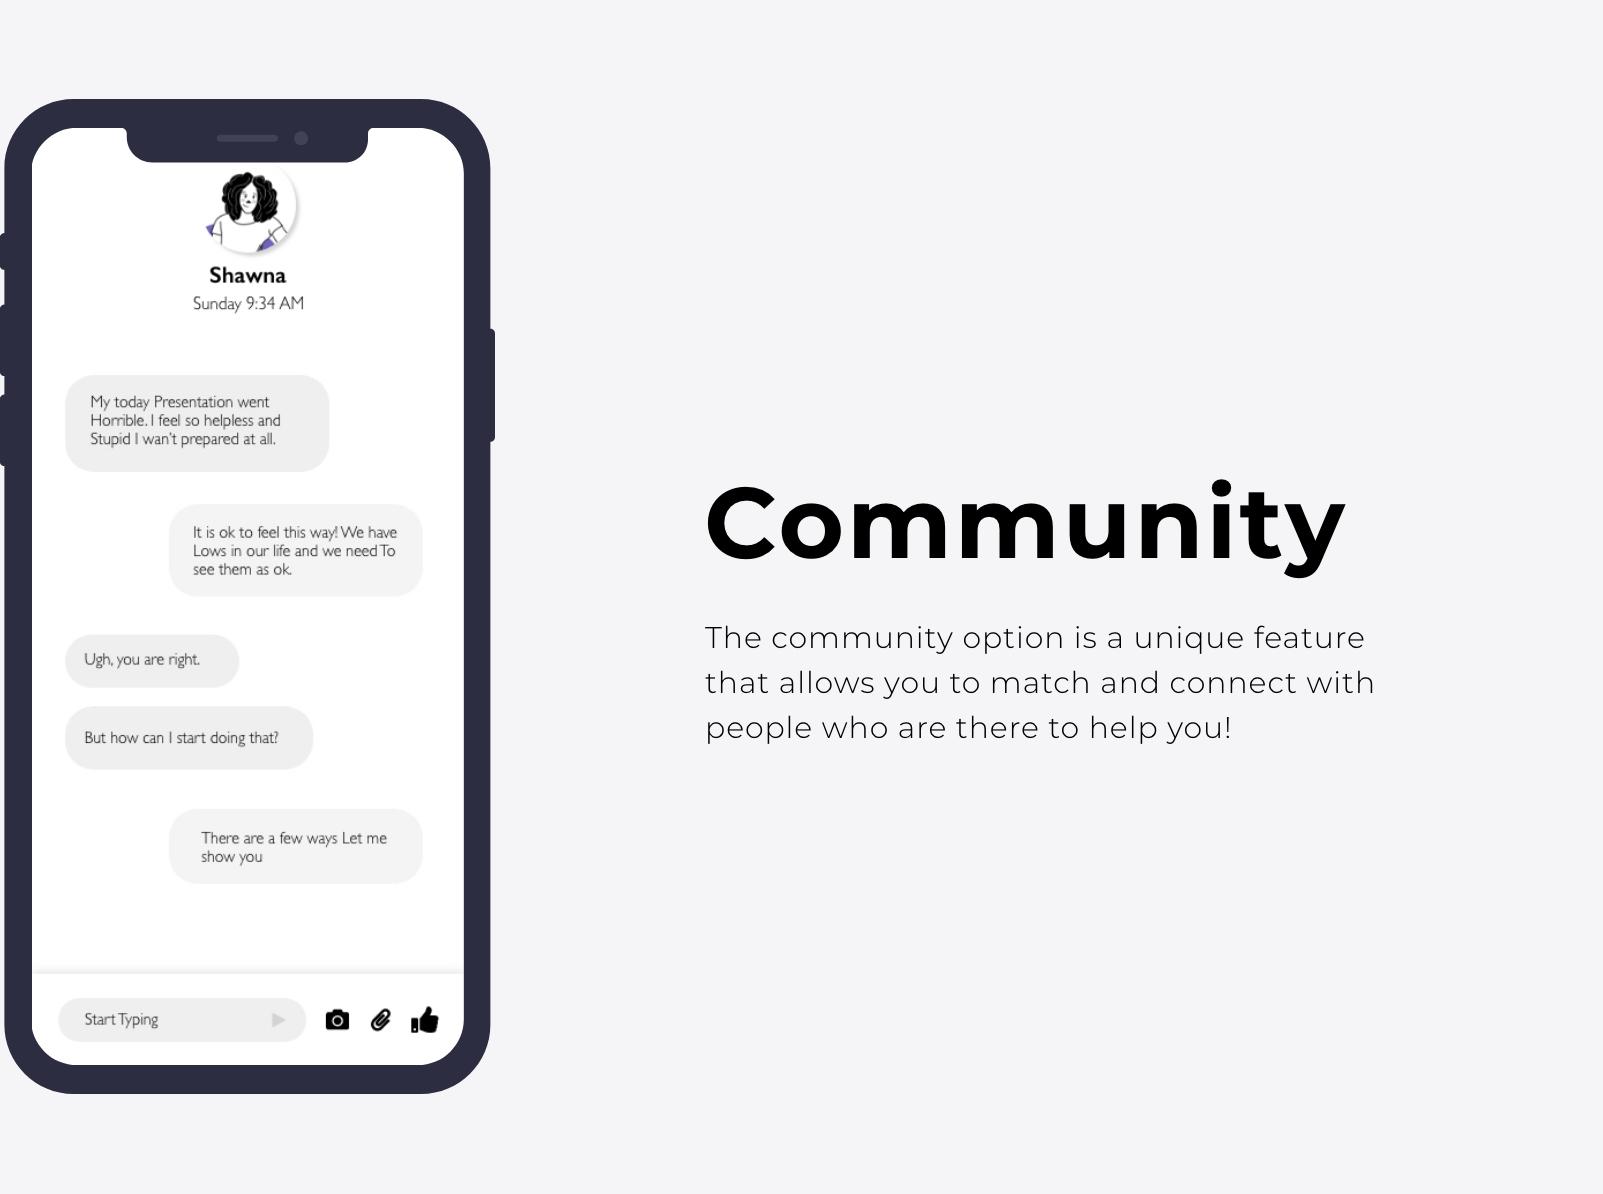 Communitu